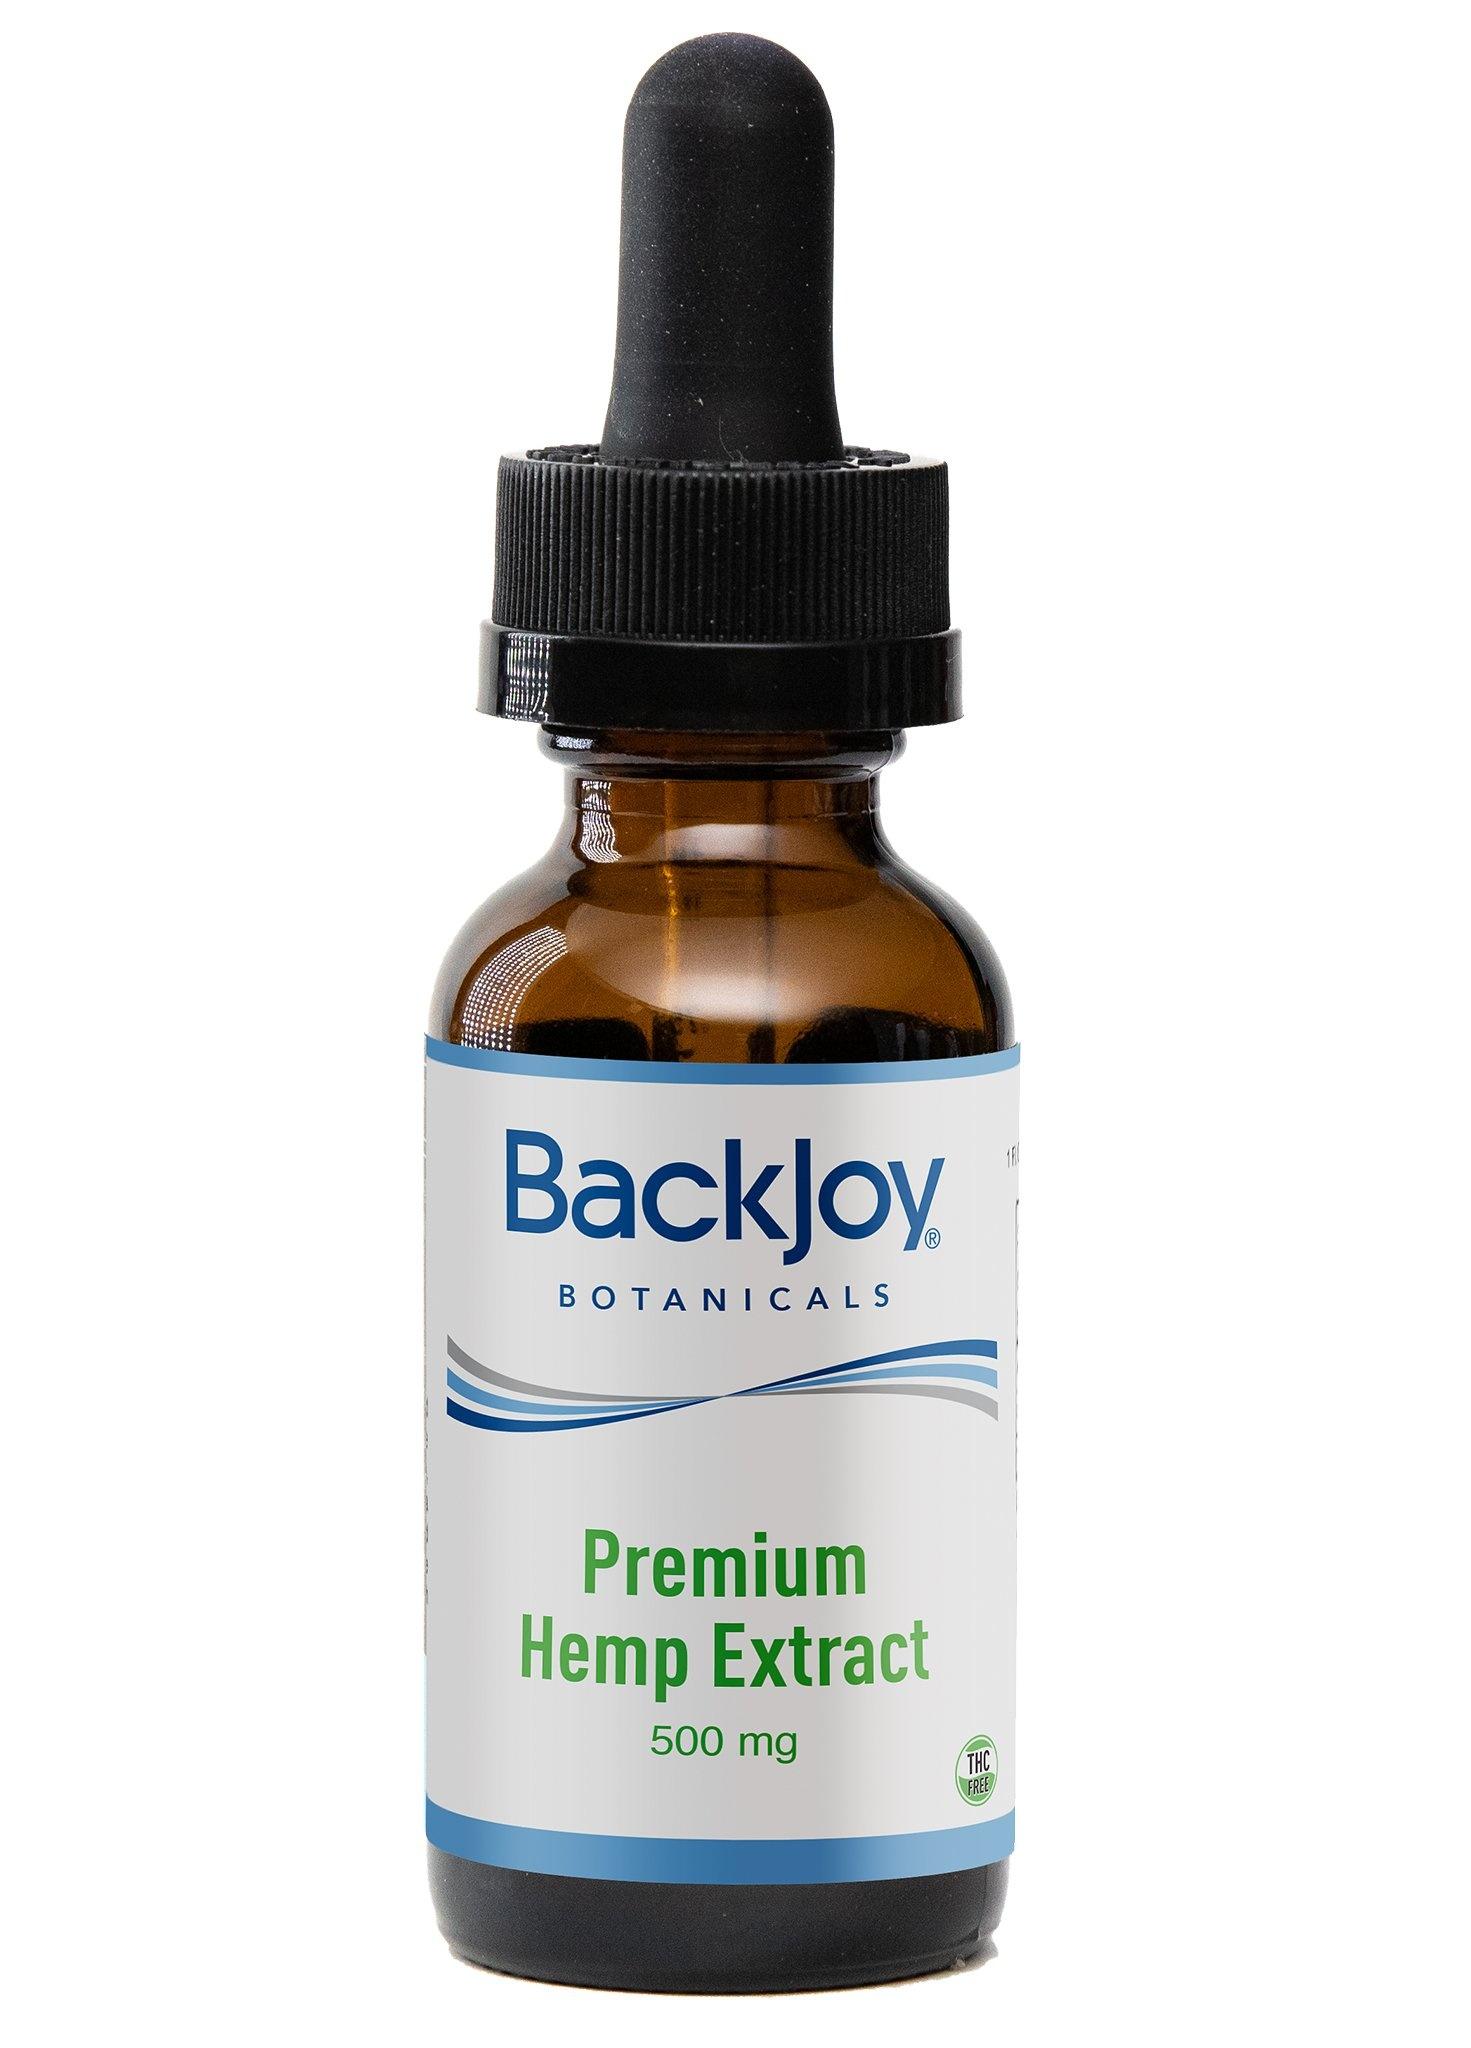 Backjoy Premium Hemp Extract Oil 500mg by BackJoy Botanicals